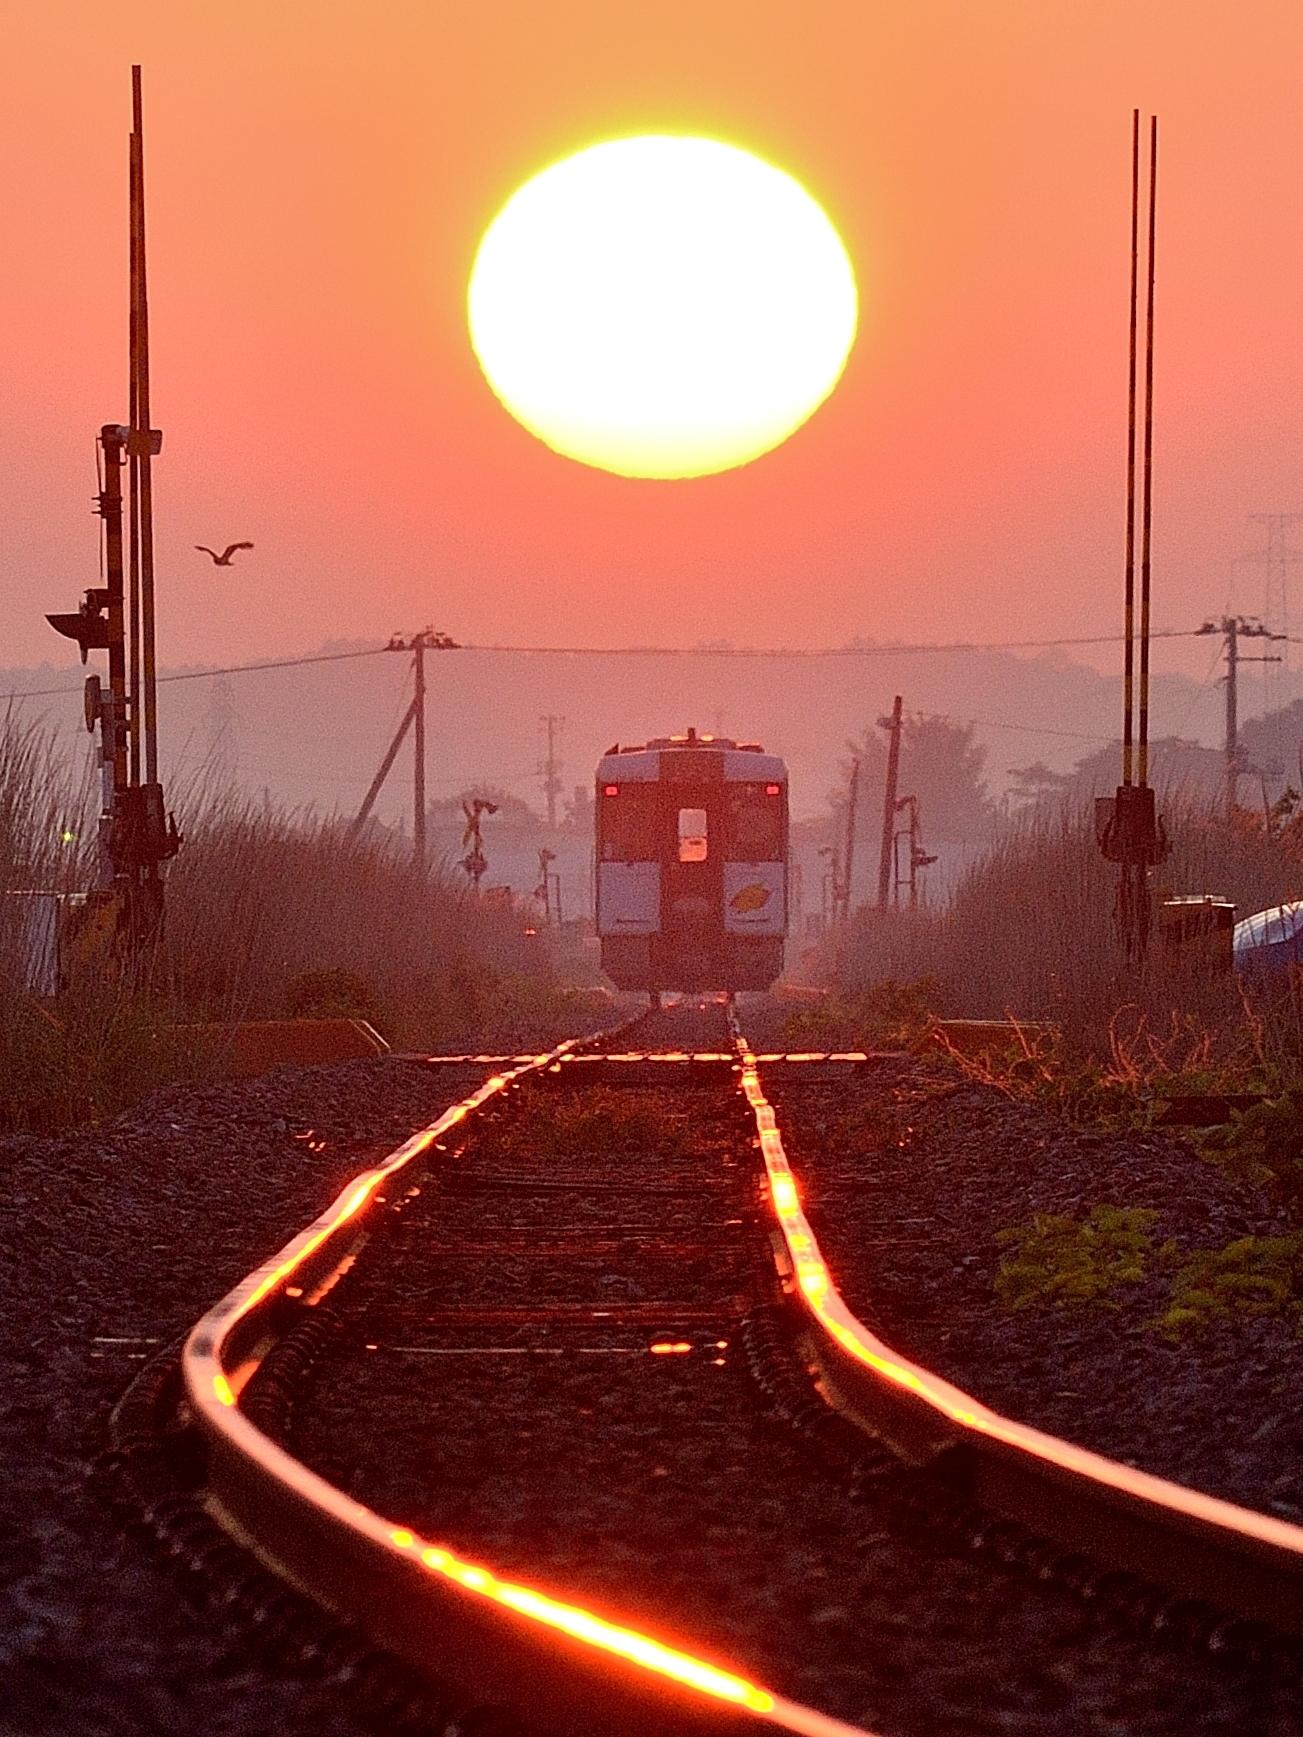 夕日電車 176-2-2